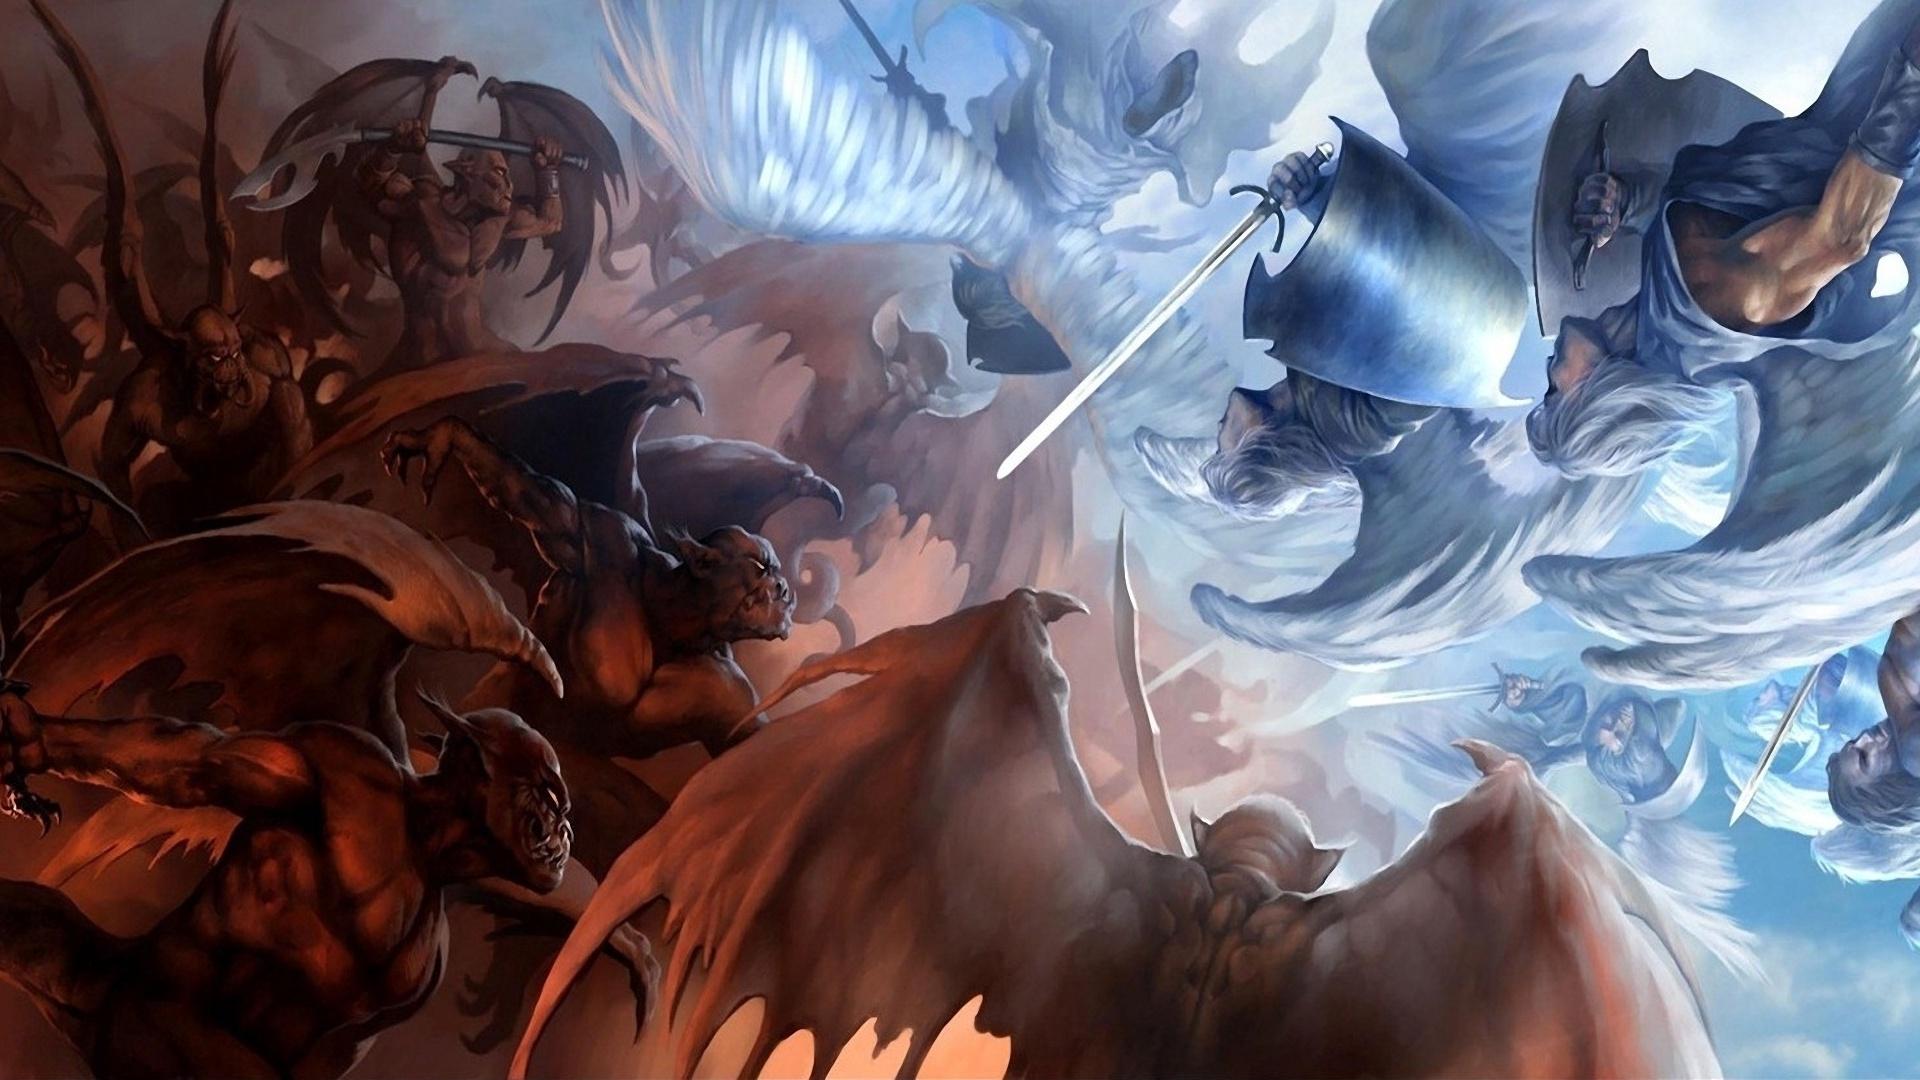 помощью картинки фэнтези борьба со злом представляем вам лучший